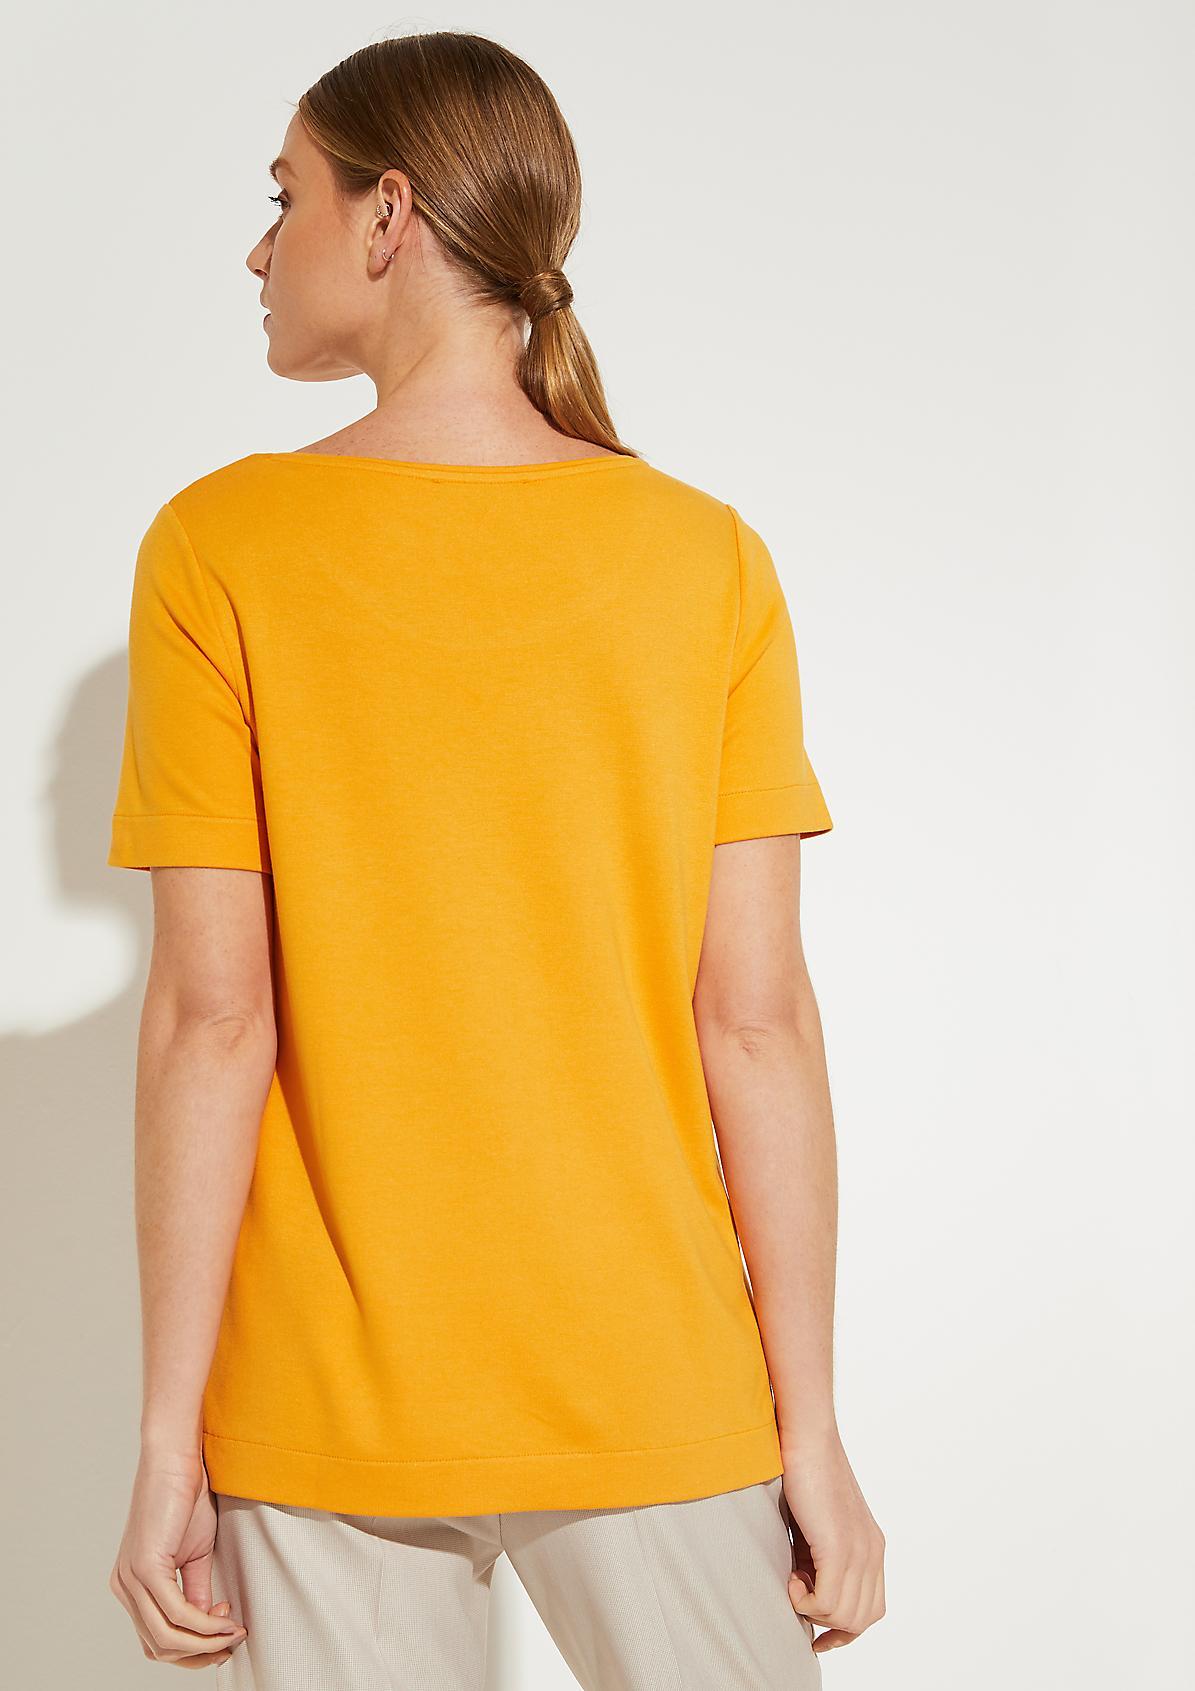 Interlock-Shirt mit Metall-Knöpfen